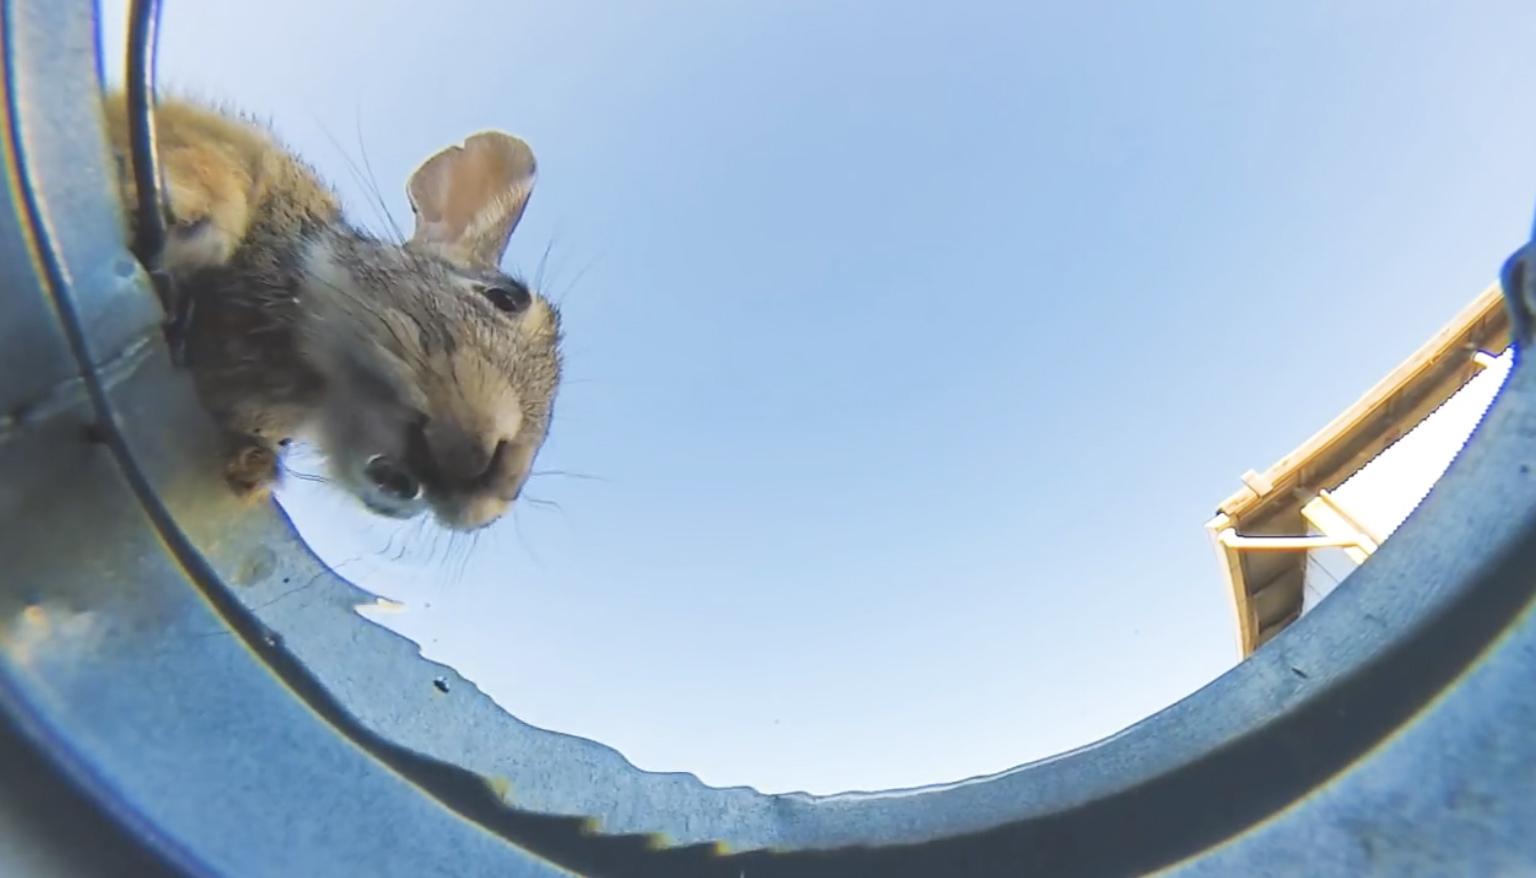 一个偷偷拍摄沙漠小动物到水桶中喝水的视频最近在网上走红.